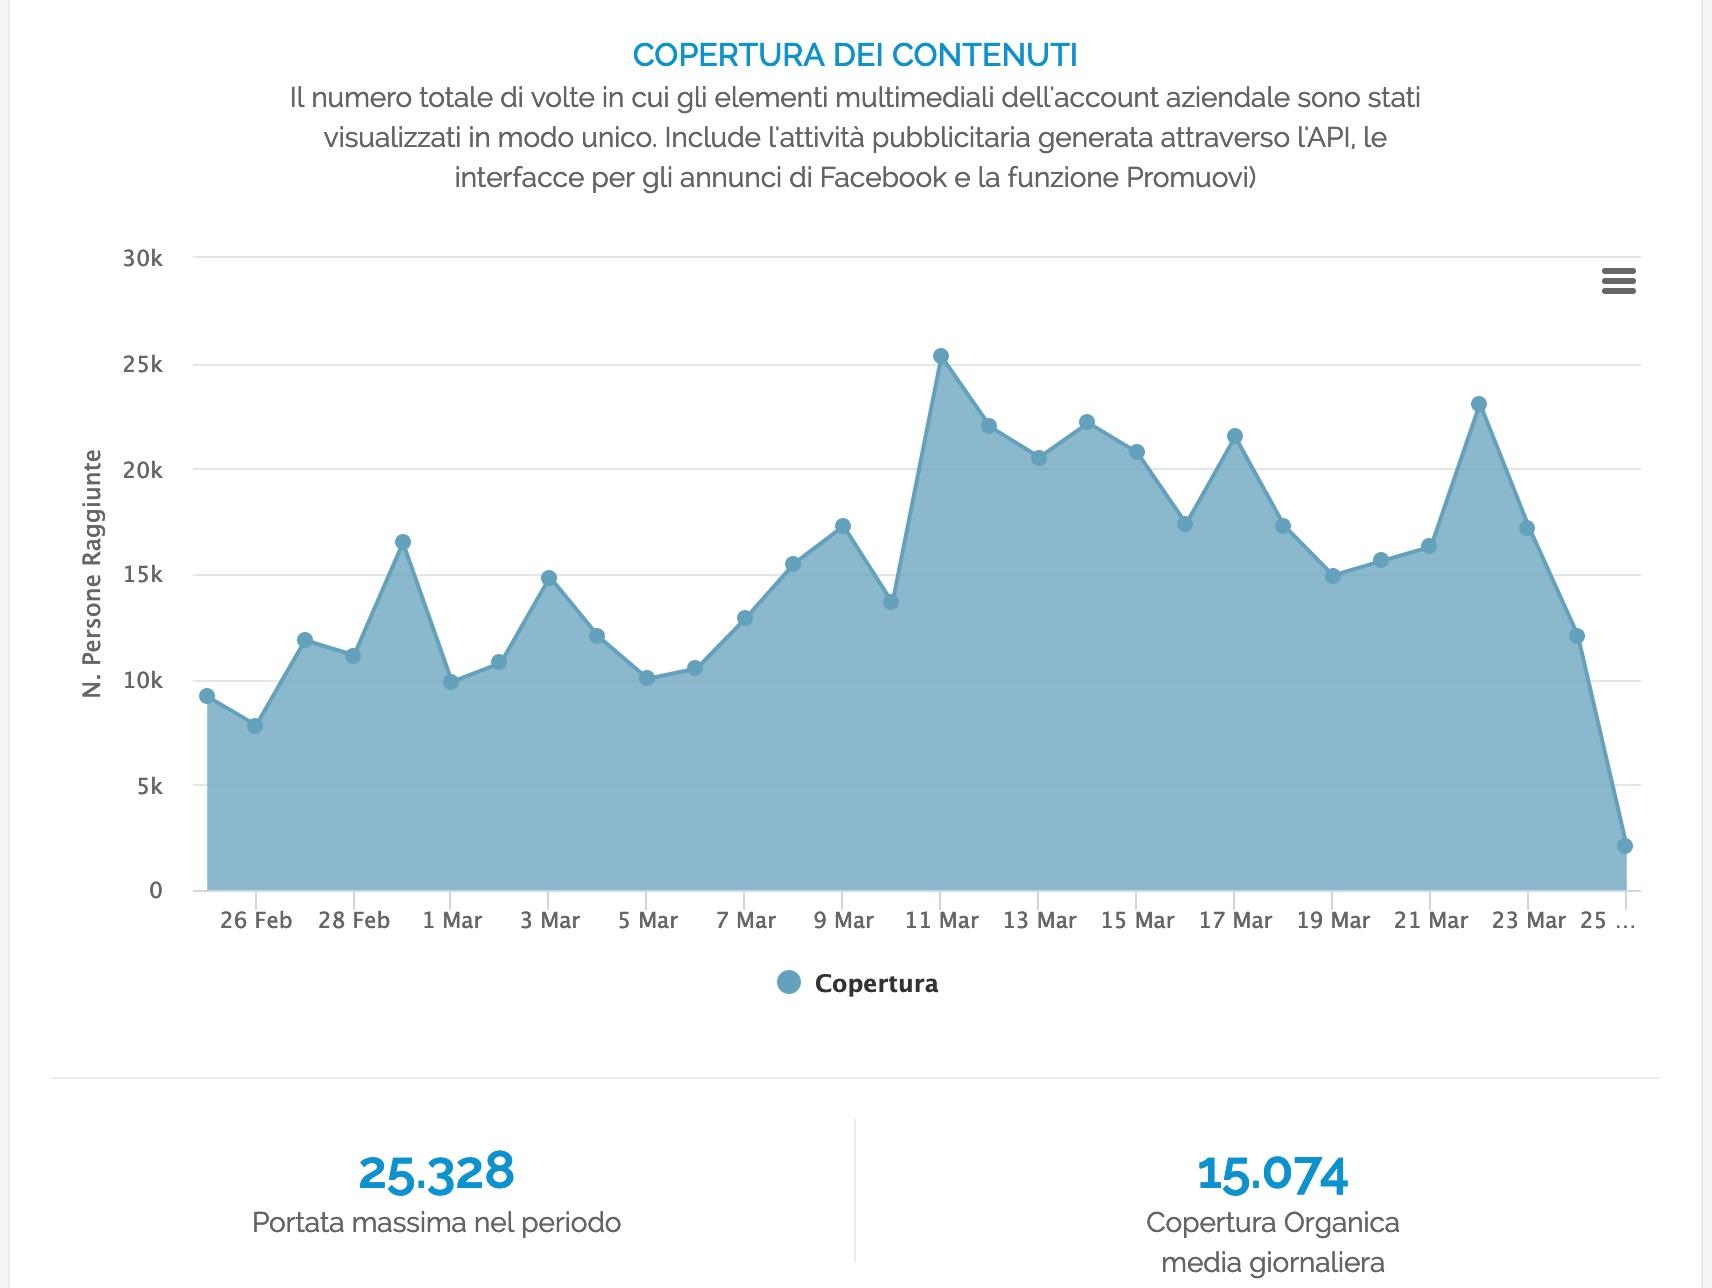 Grafico della Copertura dei Contenuti